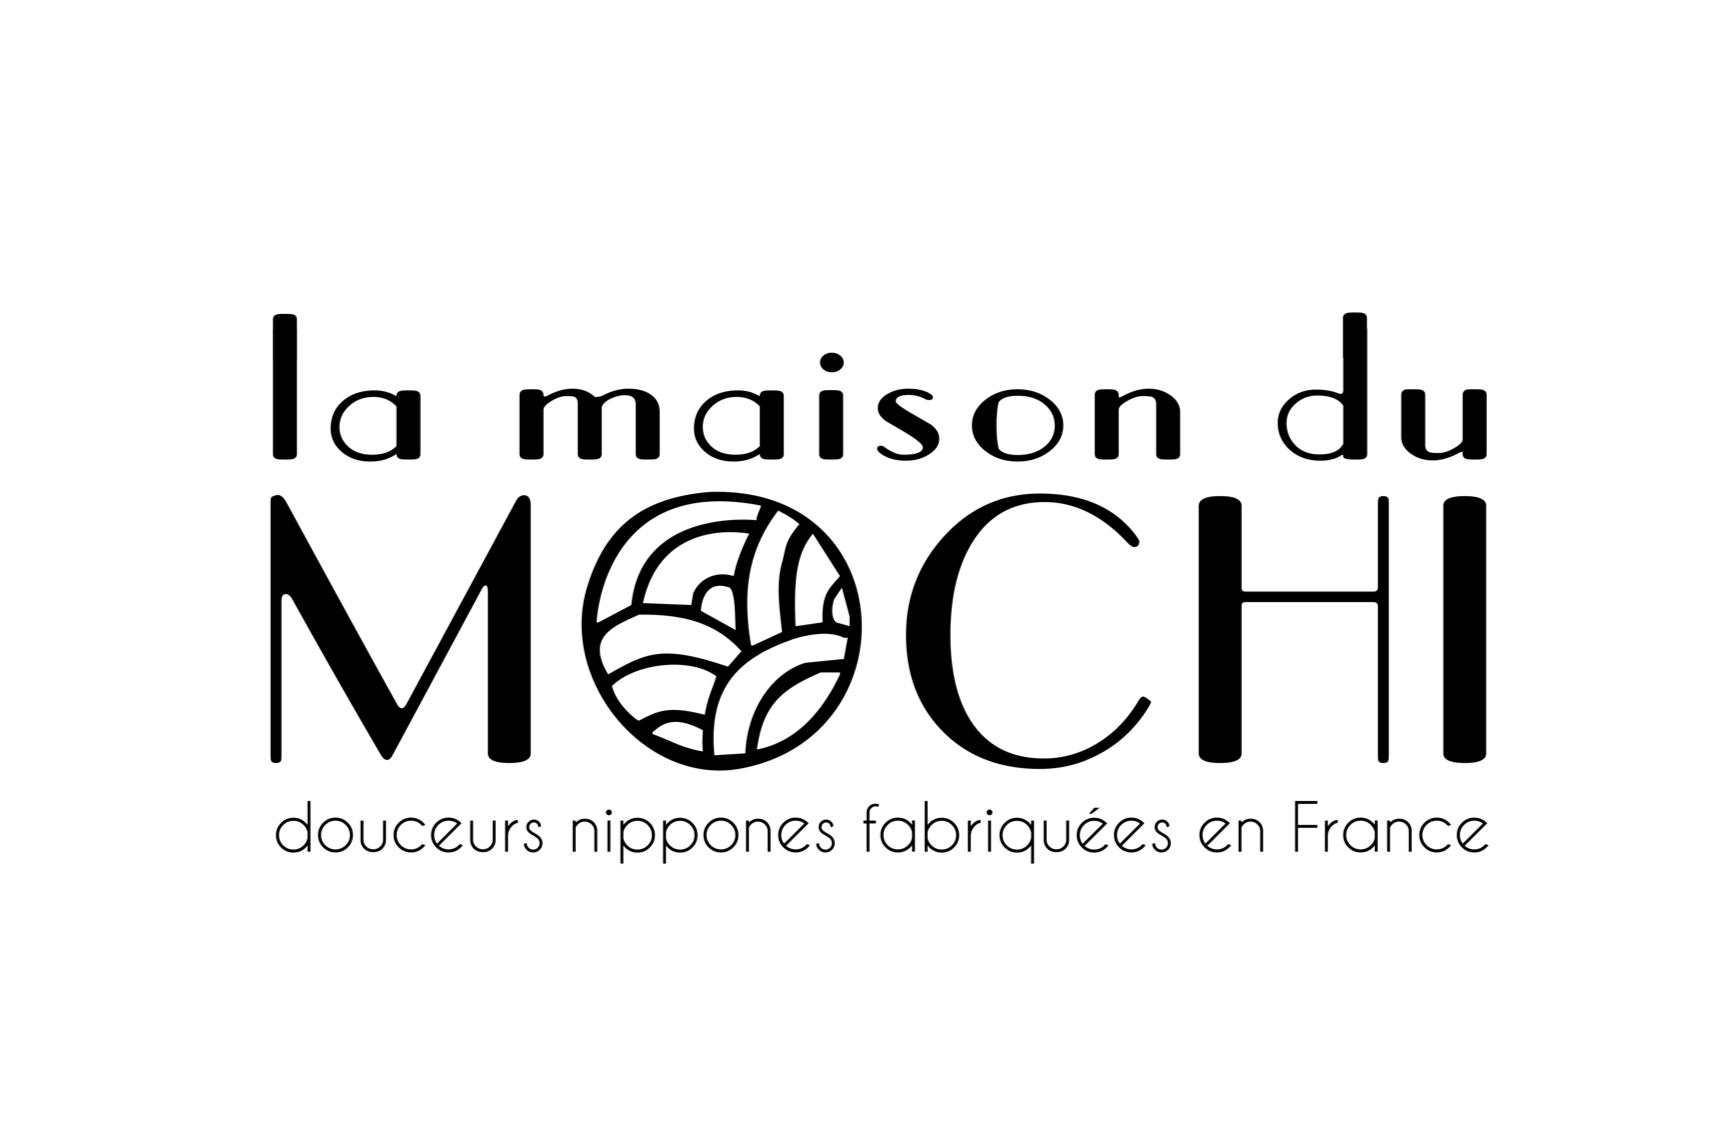 Maisondumochifondblanc.png